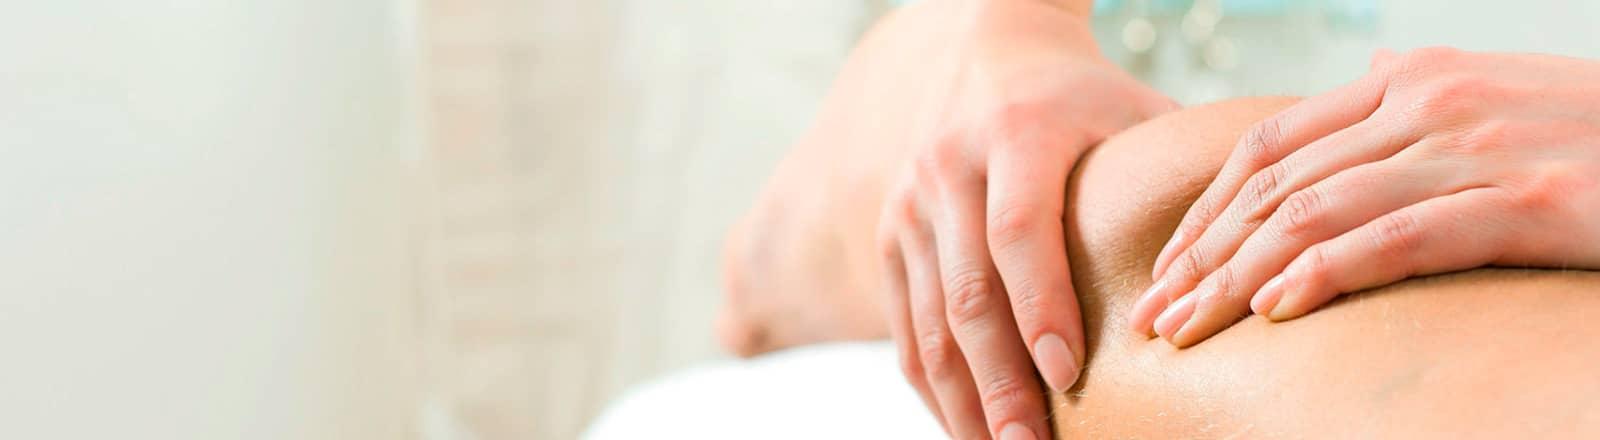 tratamiento de edemas Logroño